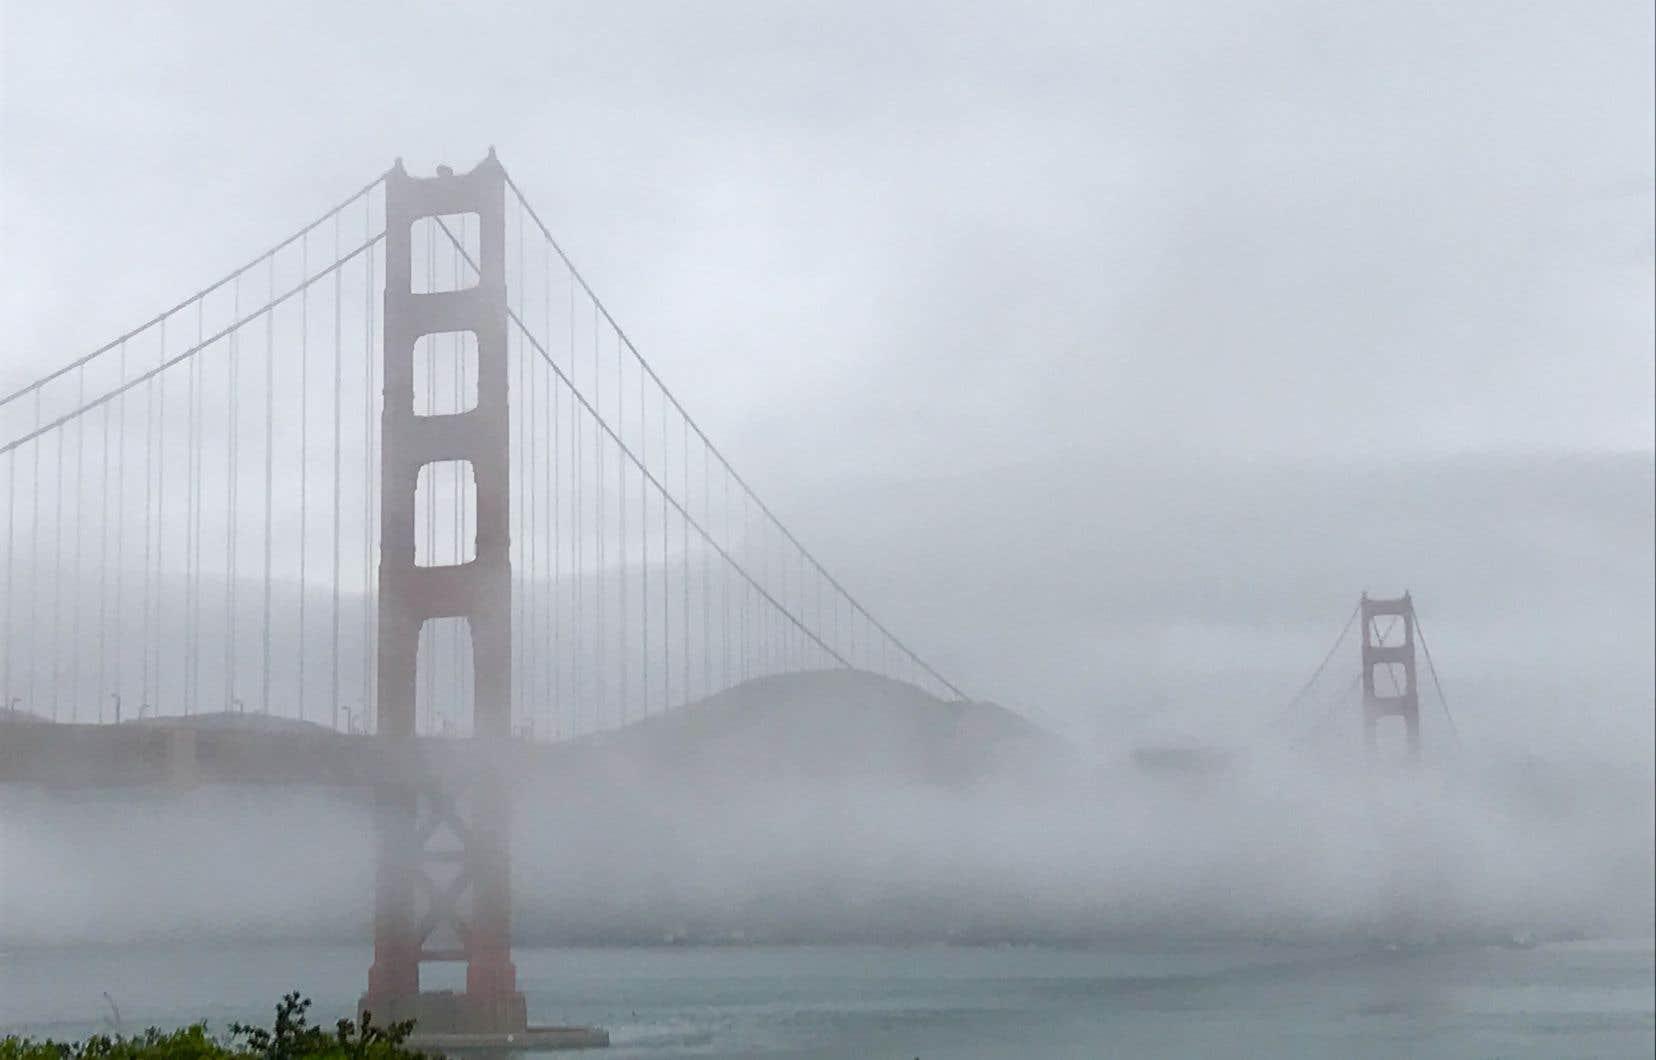 Le quartier jadis industriel où s'est installé le restaurant Greens offre une magnifique vue sur la baie et sur le fameux pont Golden Gate.